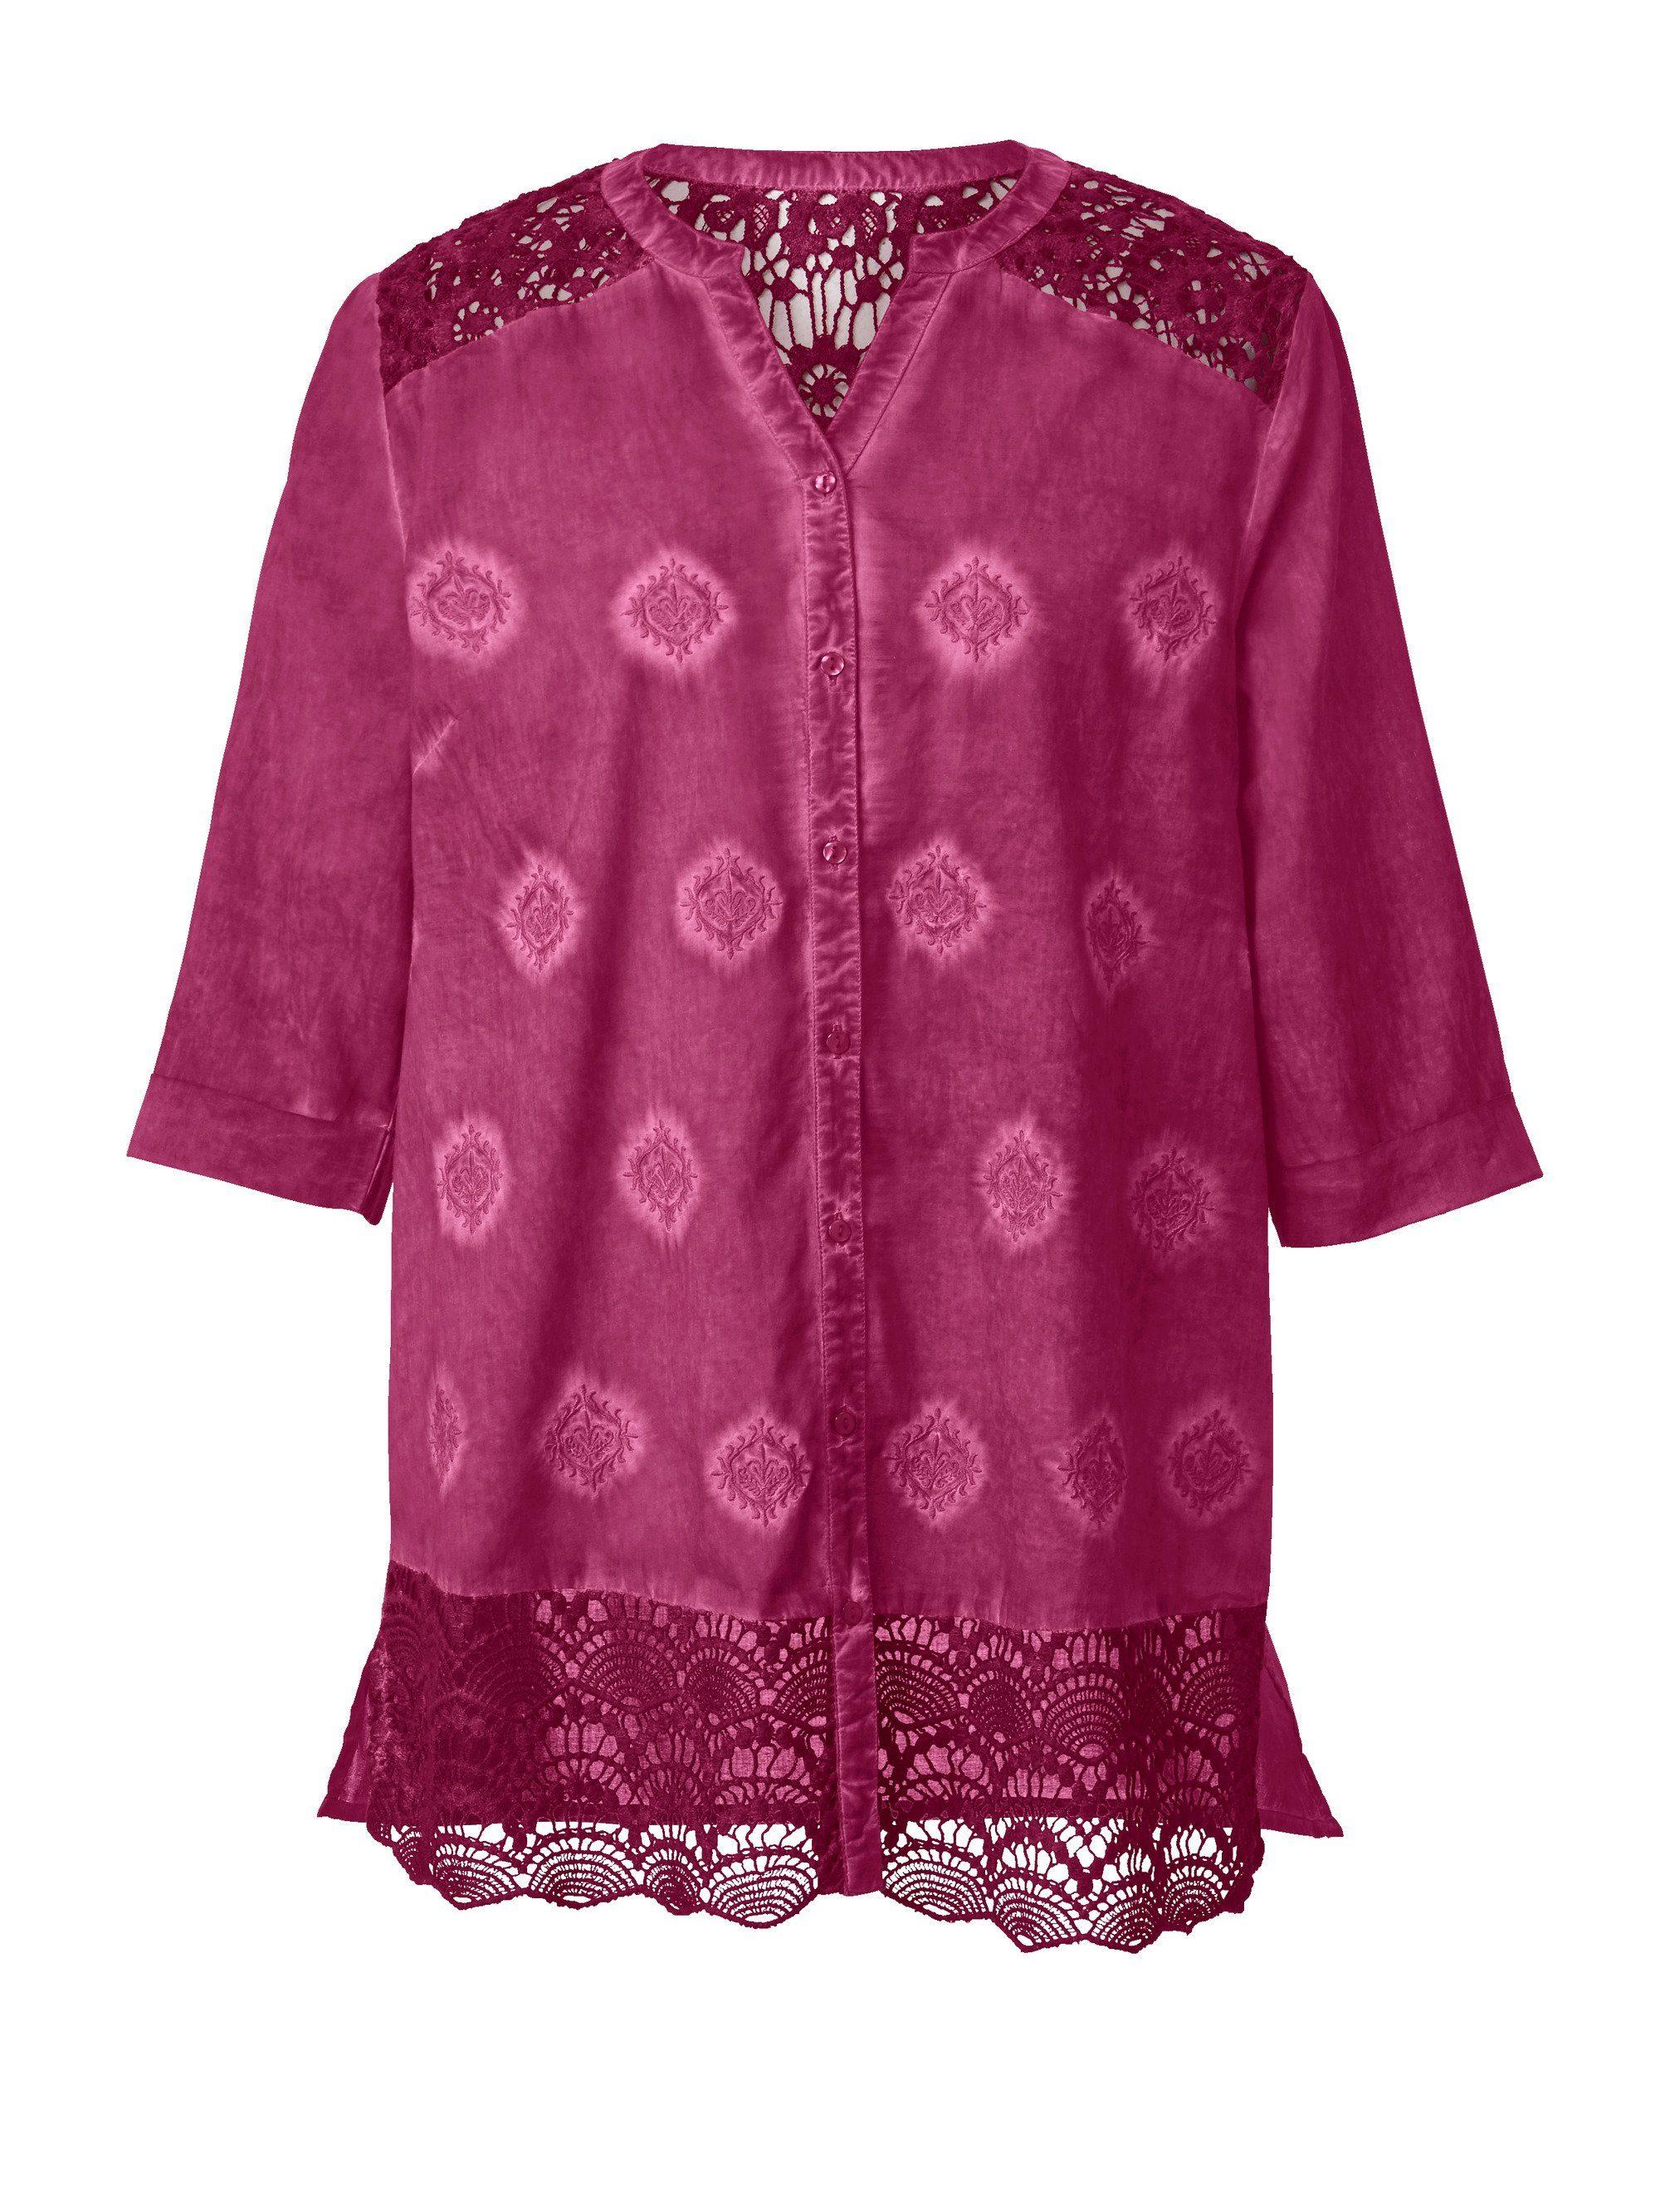 2019 Neuer Stil Bluse Zero In Creme Mit Weste In Rose Gr.34 Hohe Belastbarkeit Blusen, Tops & Shirts